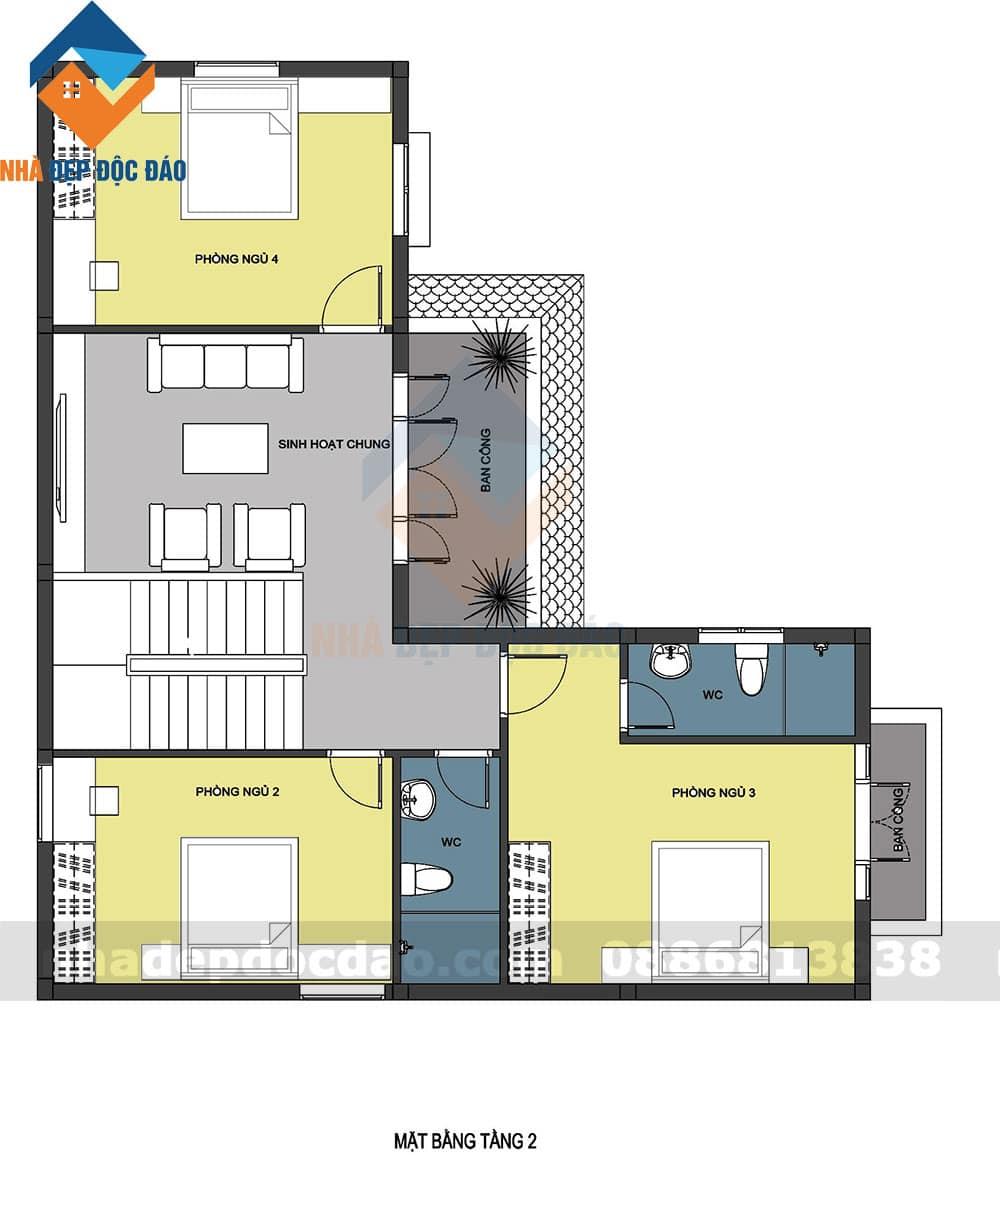 Thiết kế biệt thự 3 tầng phong cách cổ điển